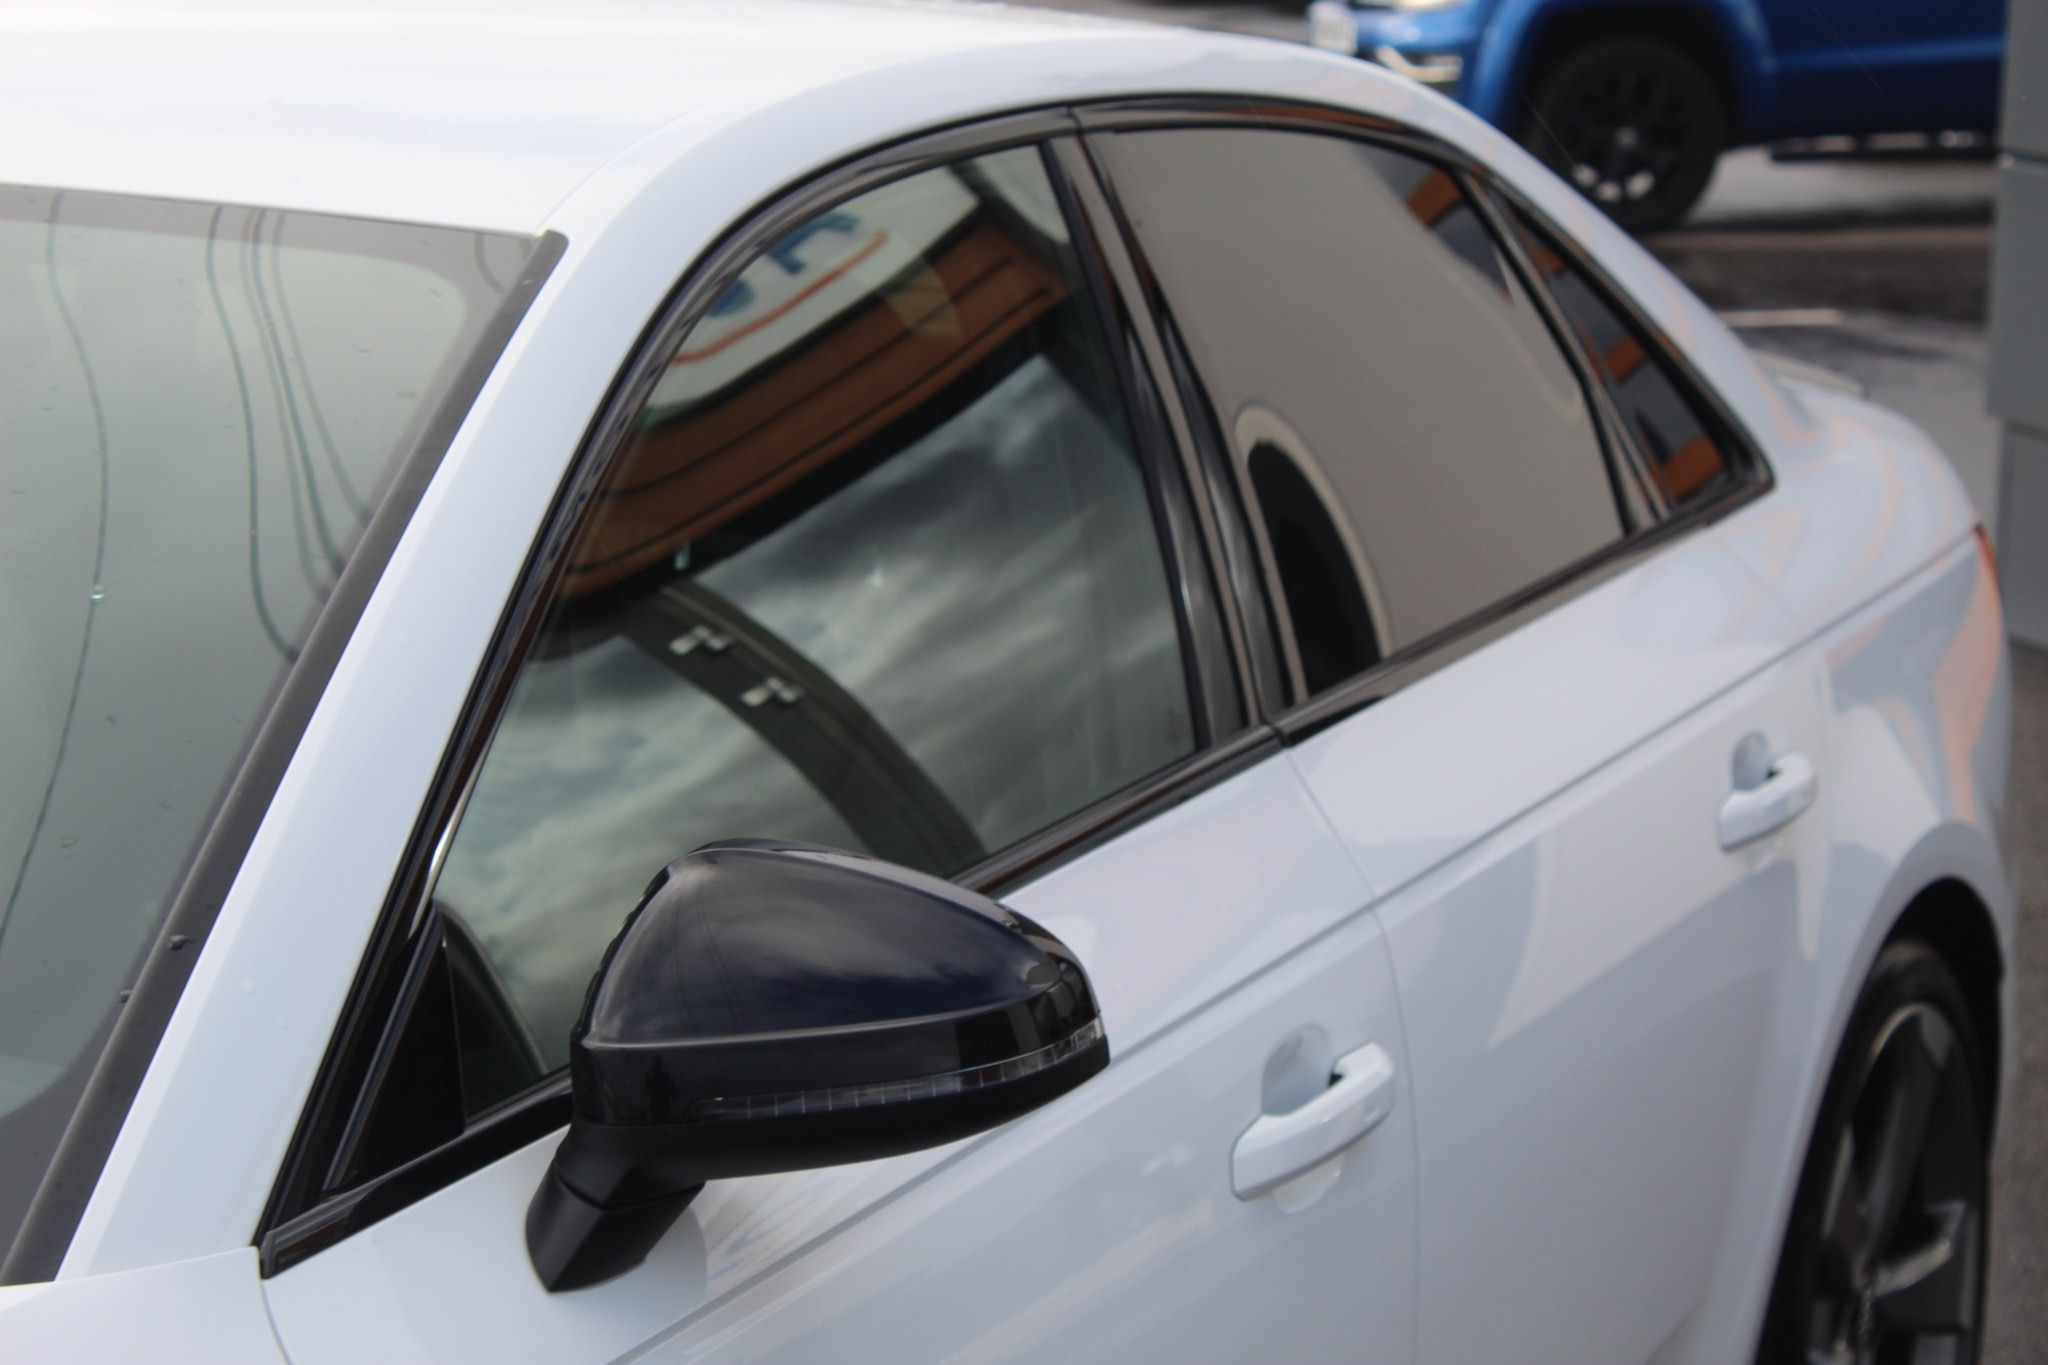 Audi A4 Images